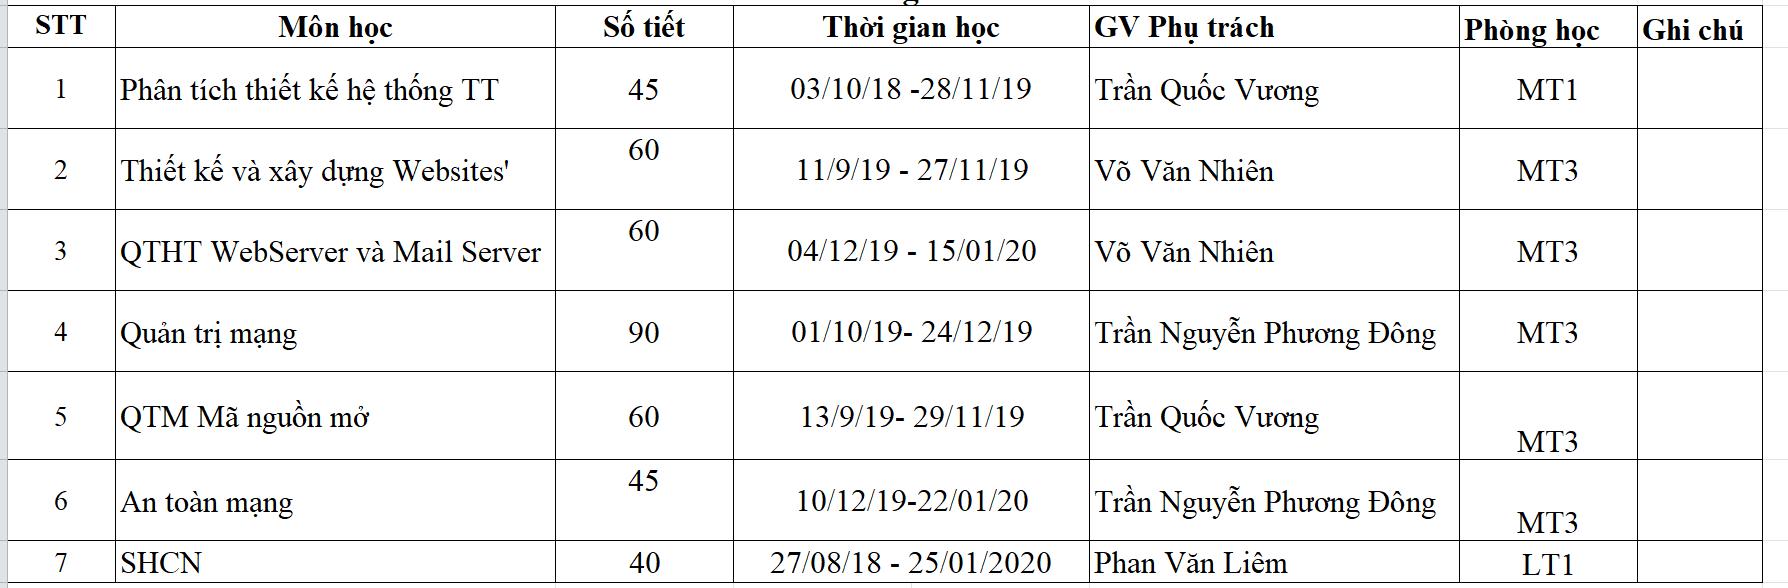 thoi-khoa-bieu-1807QTM -6